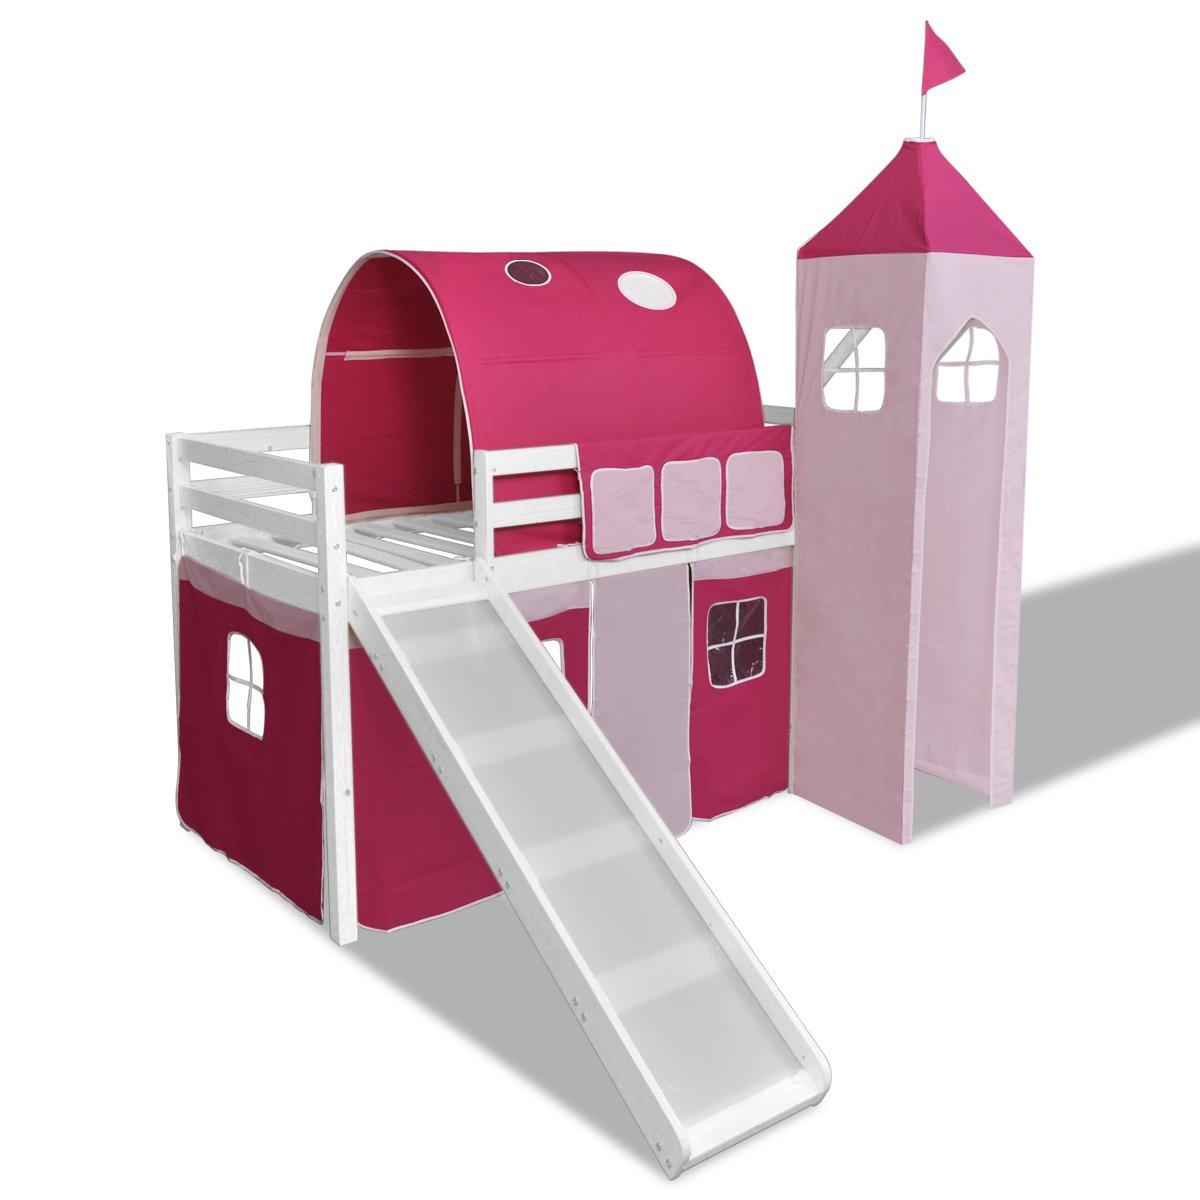 Kinderbett Hochbett Spielbett Jugendbett Kinderhochbett günstig